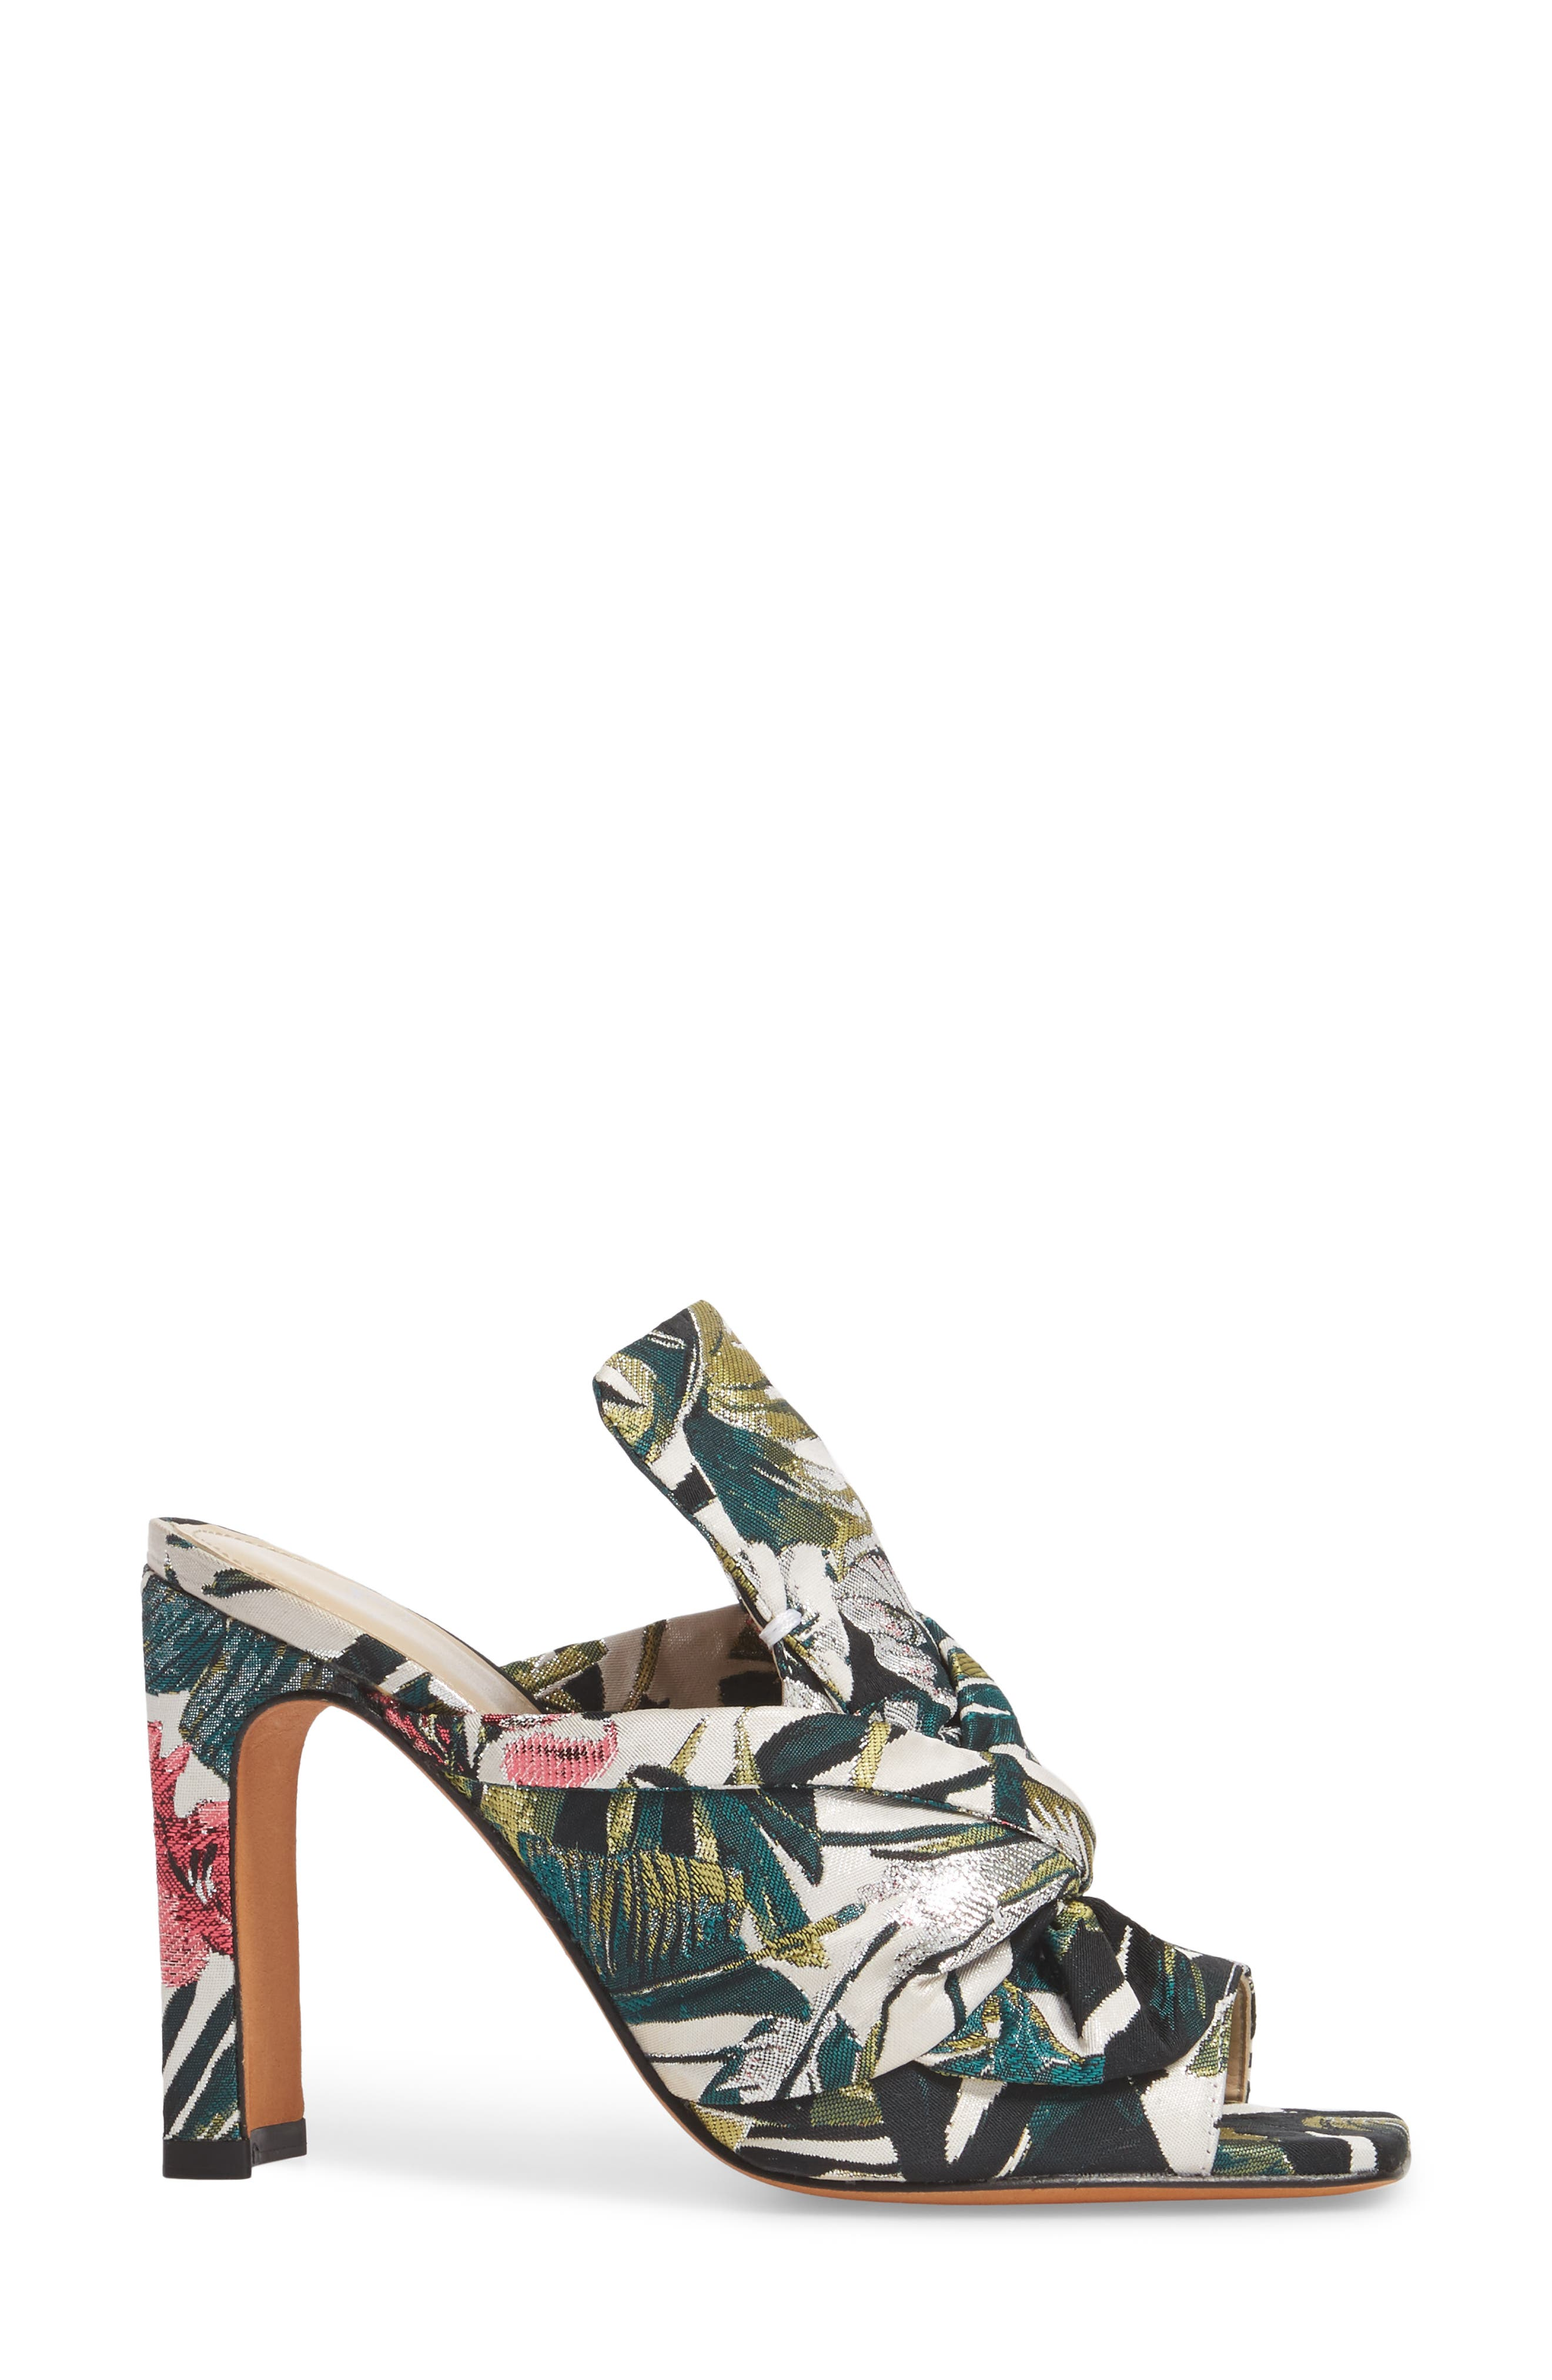 Hogan Slide Sandal,                             Alternate thumbnail 3, color,                             White Leather